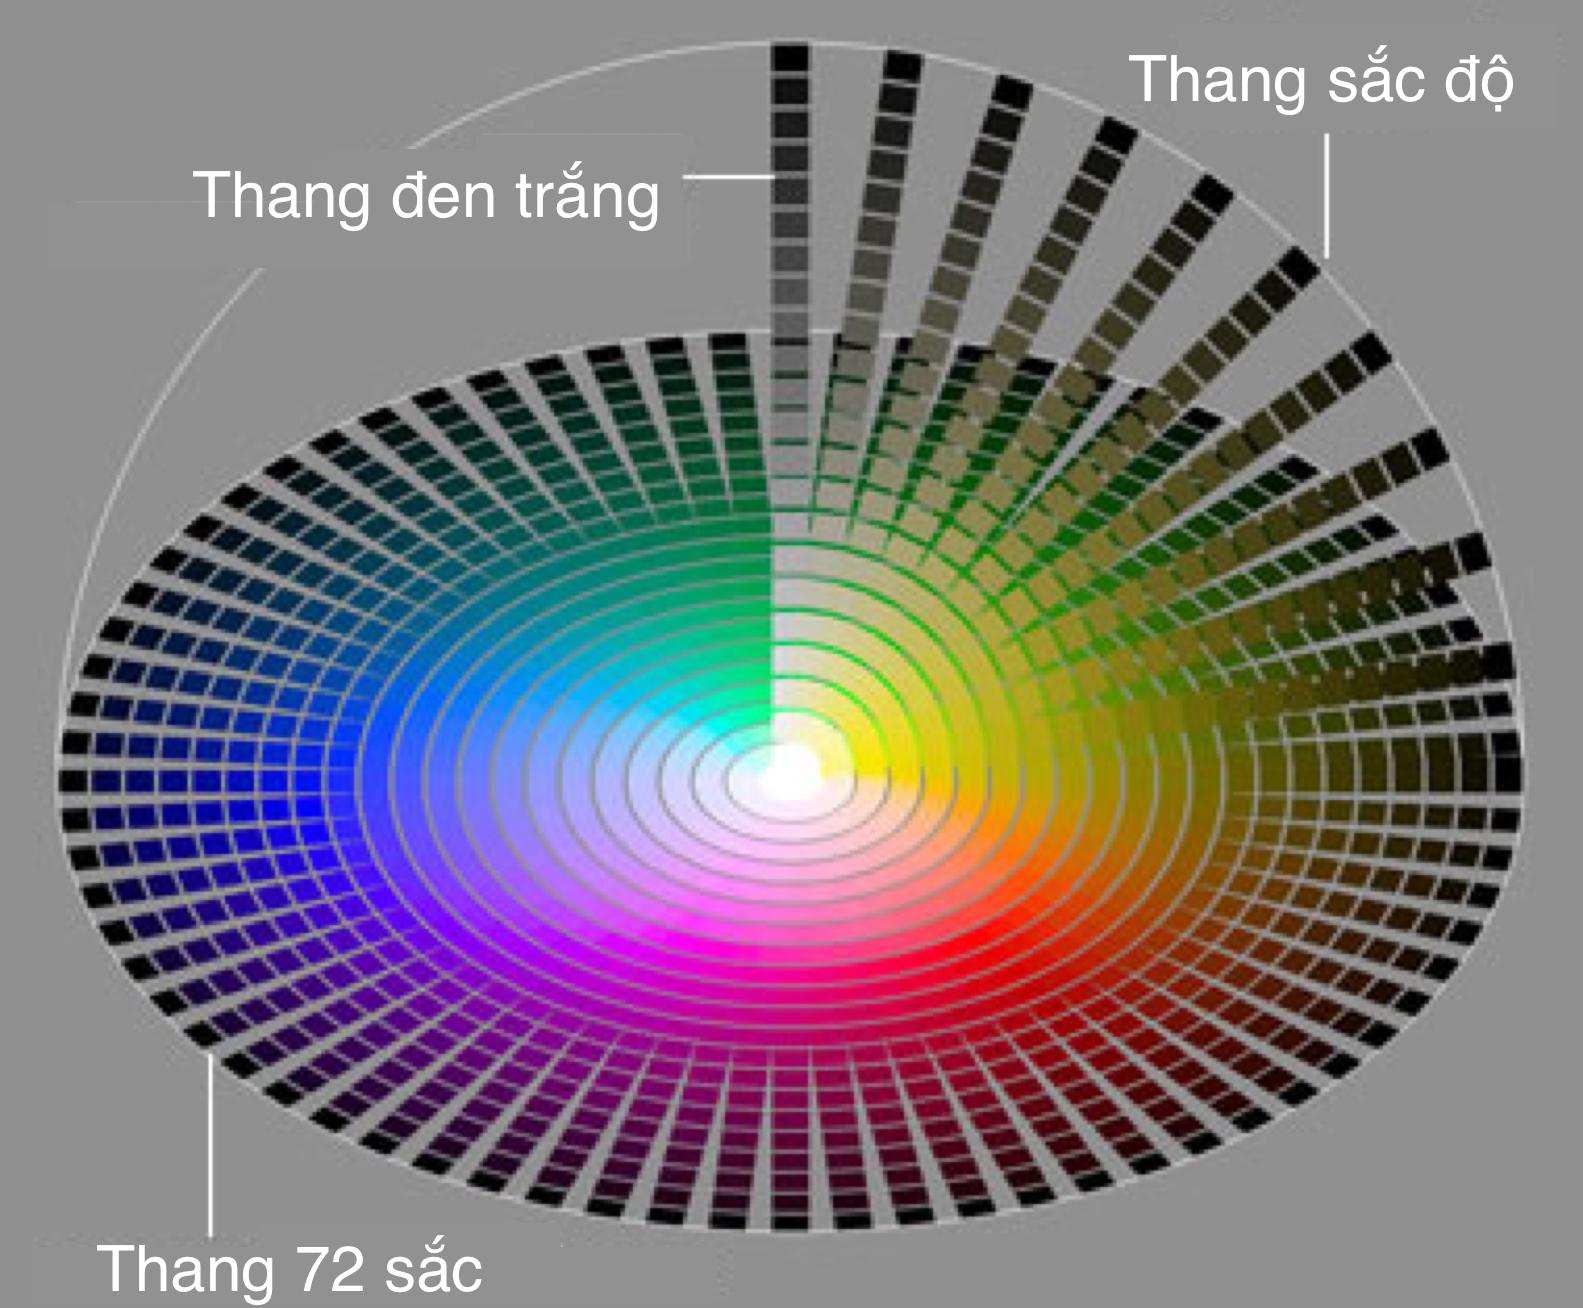 Các hệ màu cơ bản trong so màu